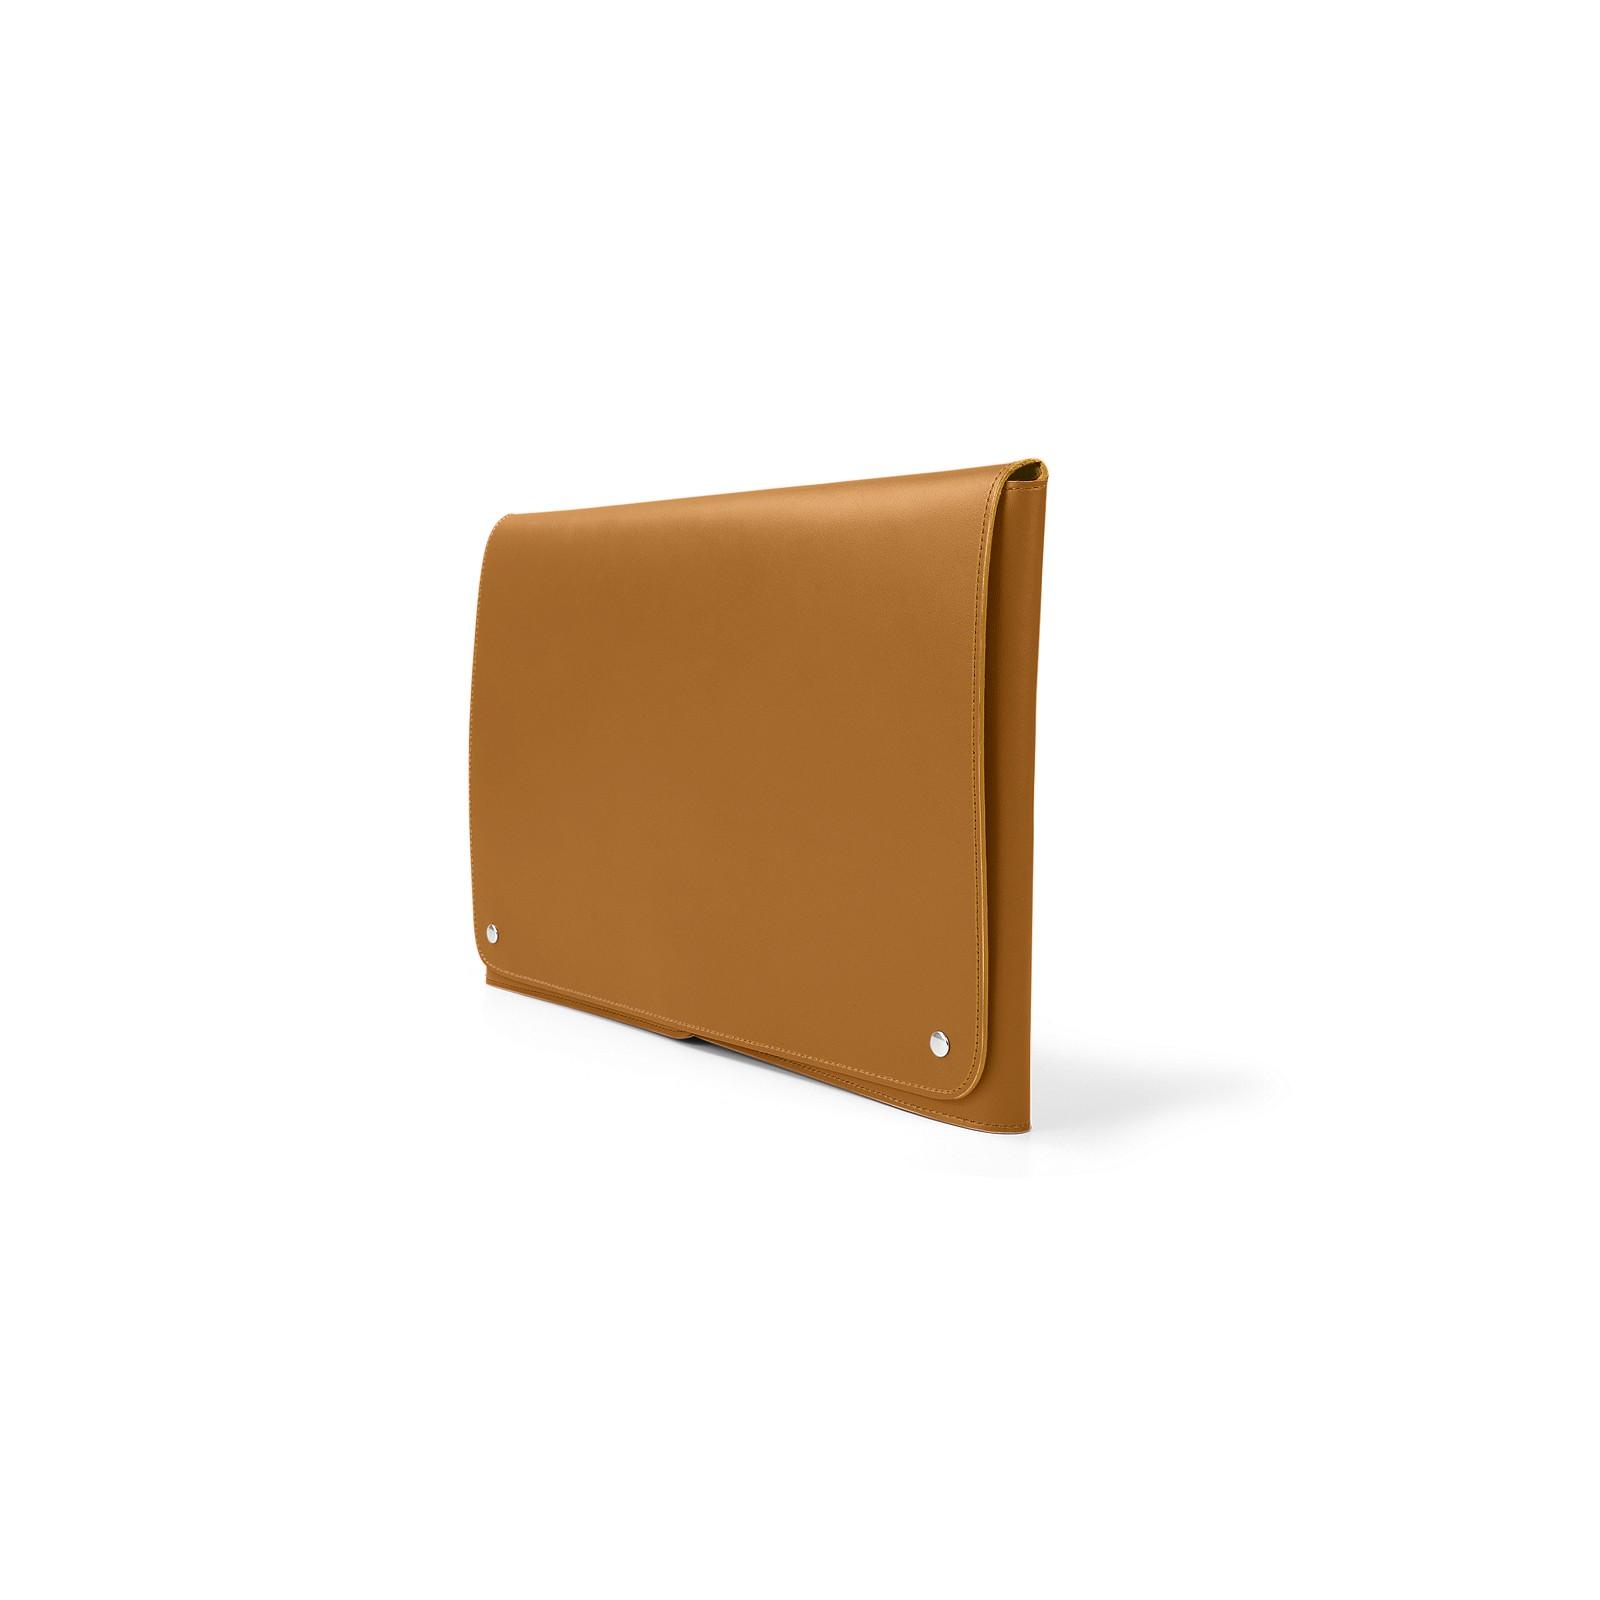 reputable site 3a381 e6b90 MacBook Pro Case 13-inch